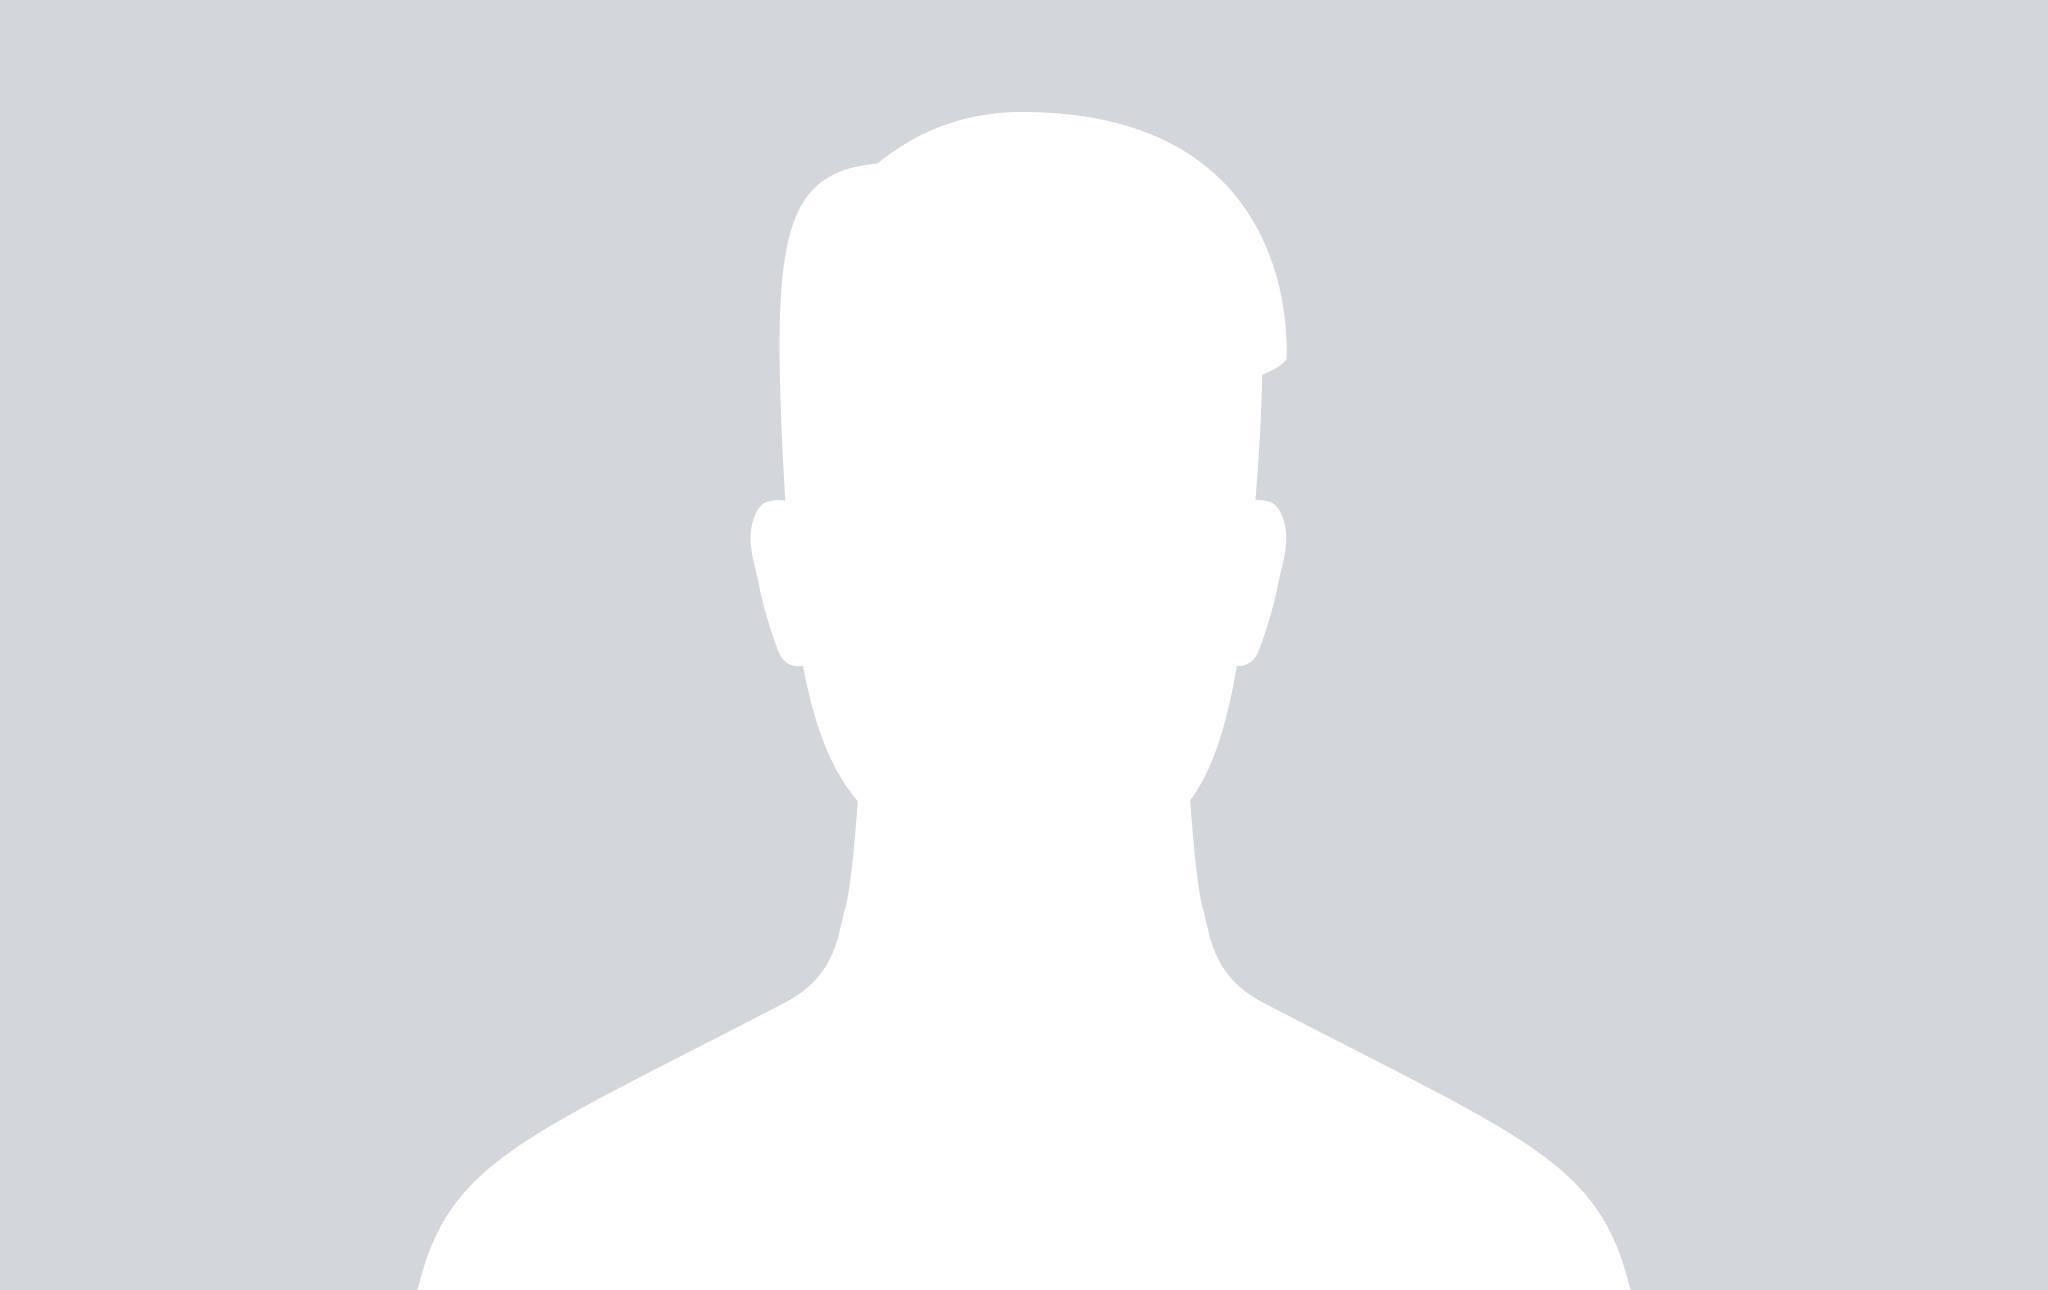 https://d2yht872mhrlra.cloudfront.net/user/131893/user_131893.jpg